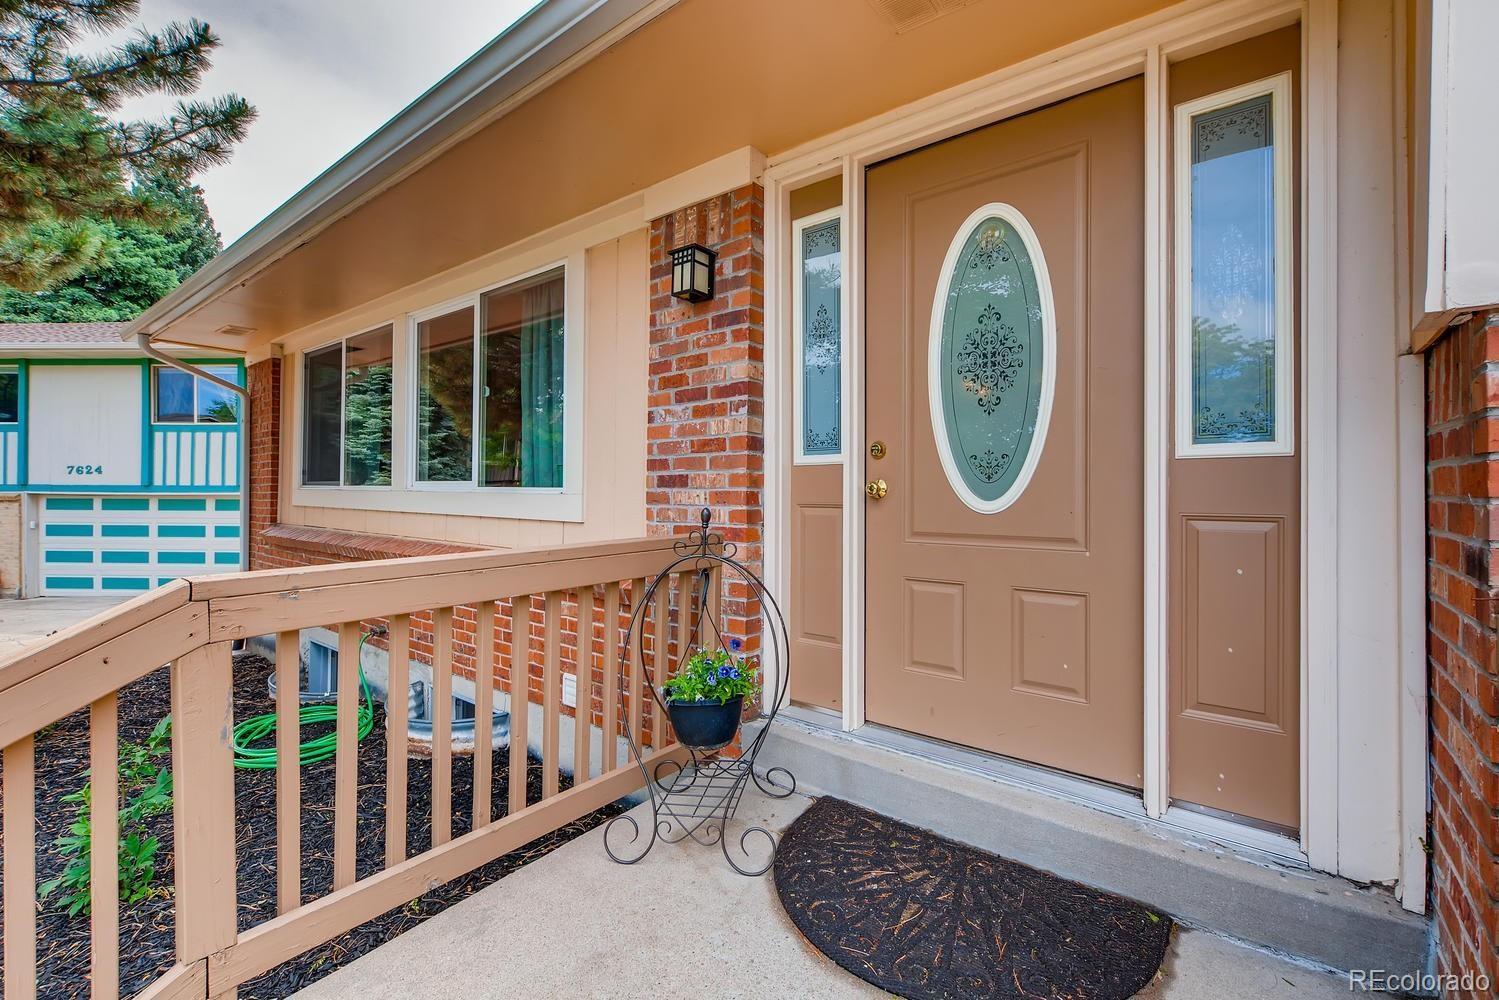 MLS# 8649012 - 3 - 7604 E Colgate Place, Denver, CO 80231